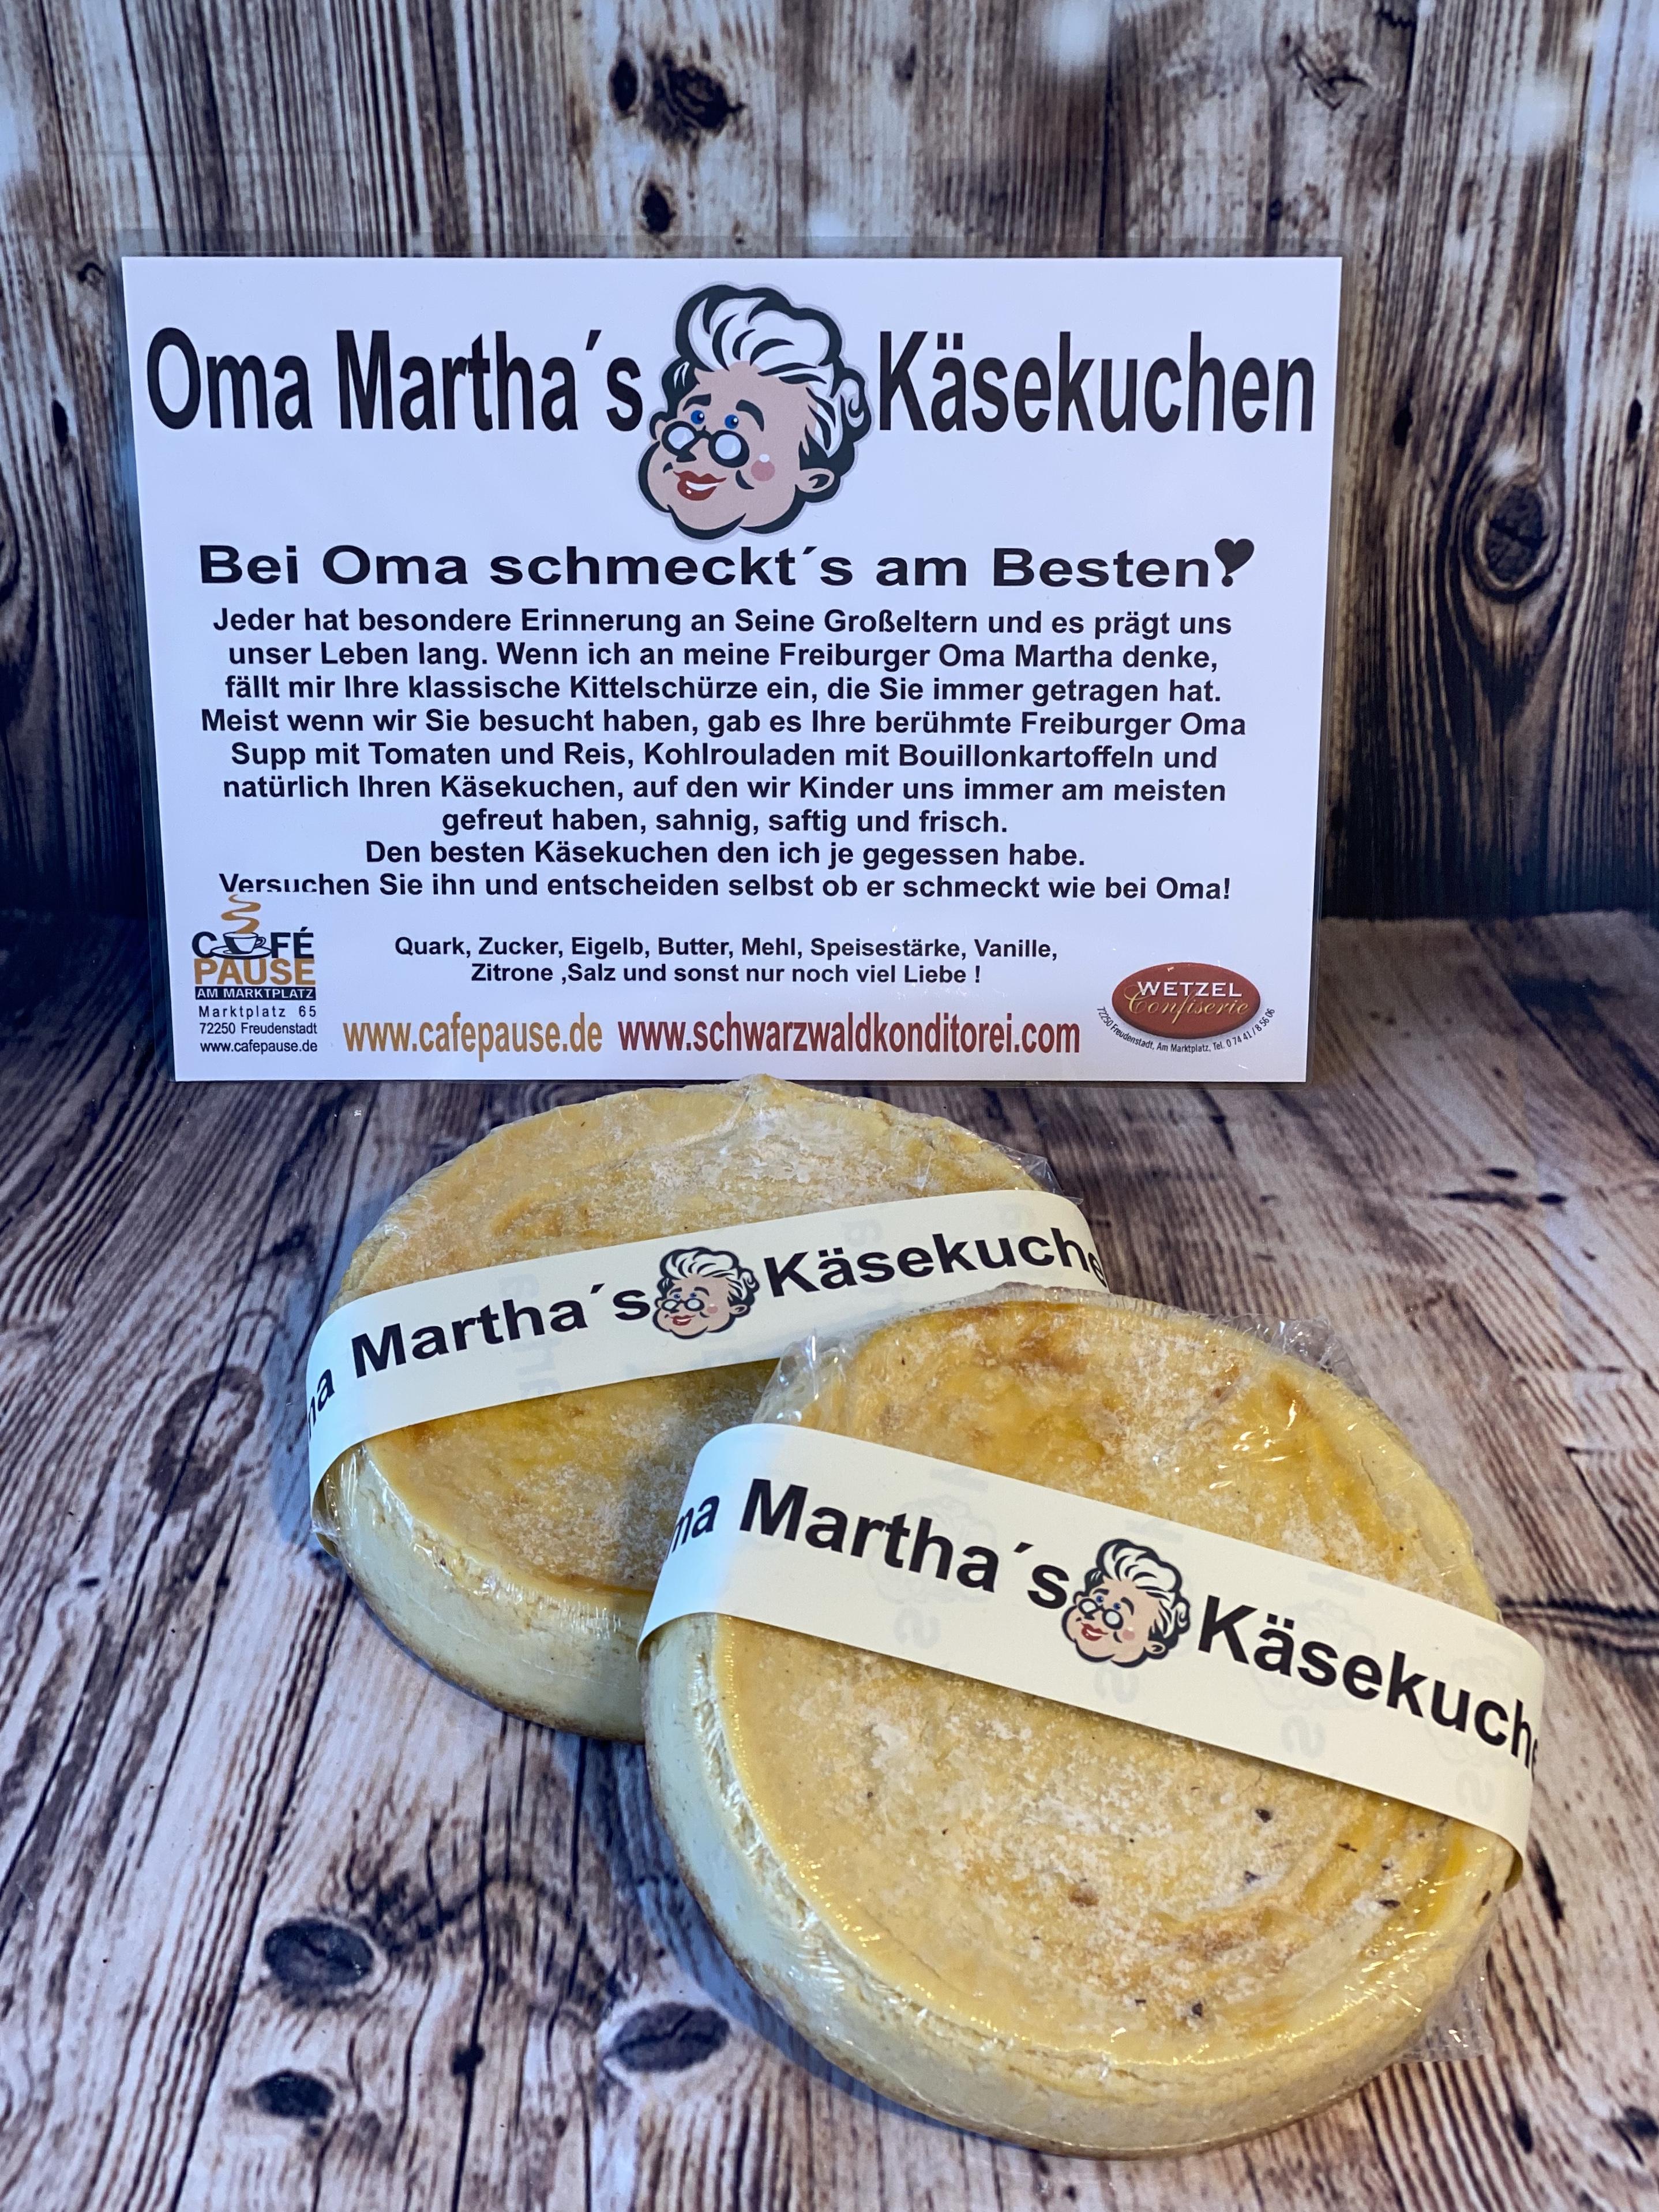 Oma Martha's Käsekuchen